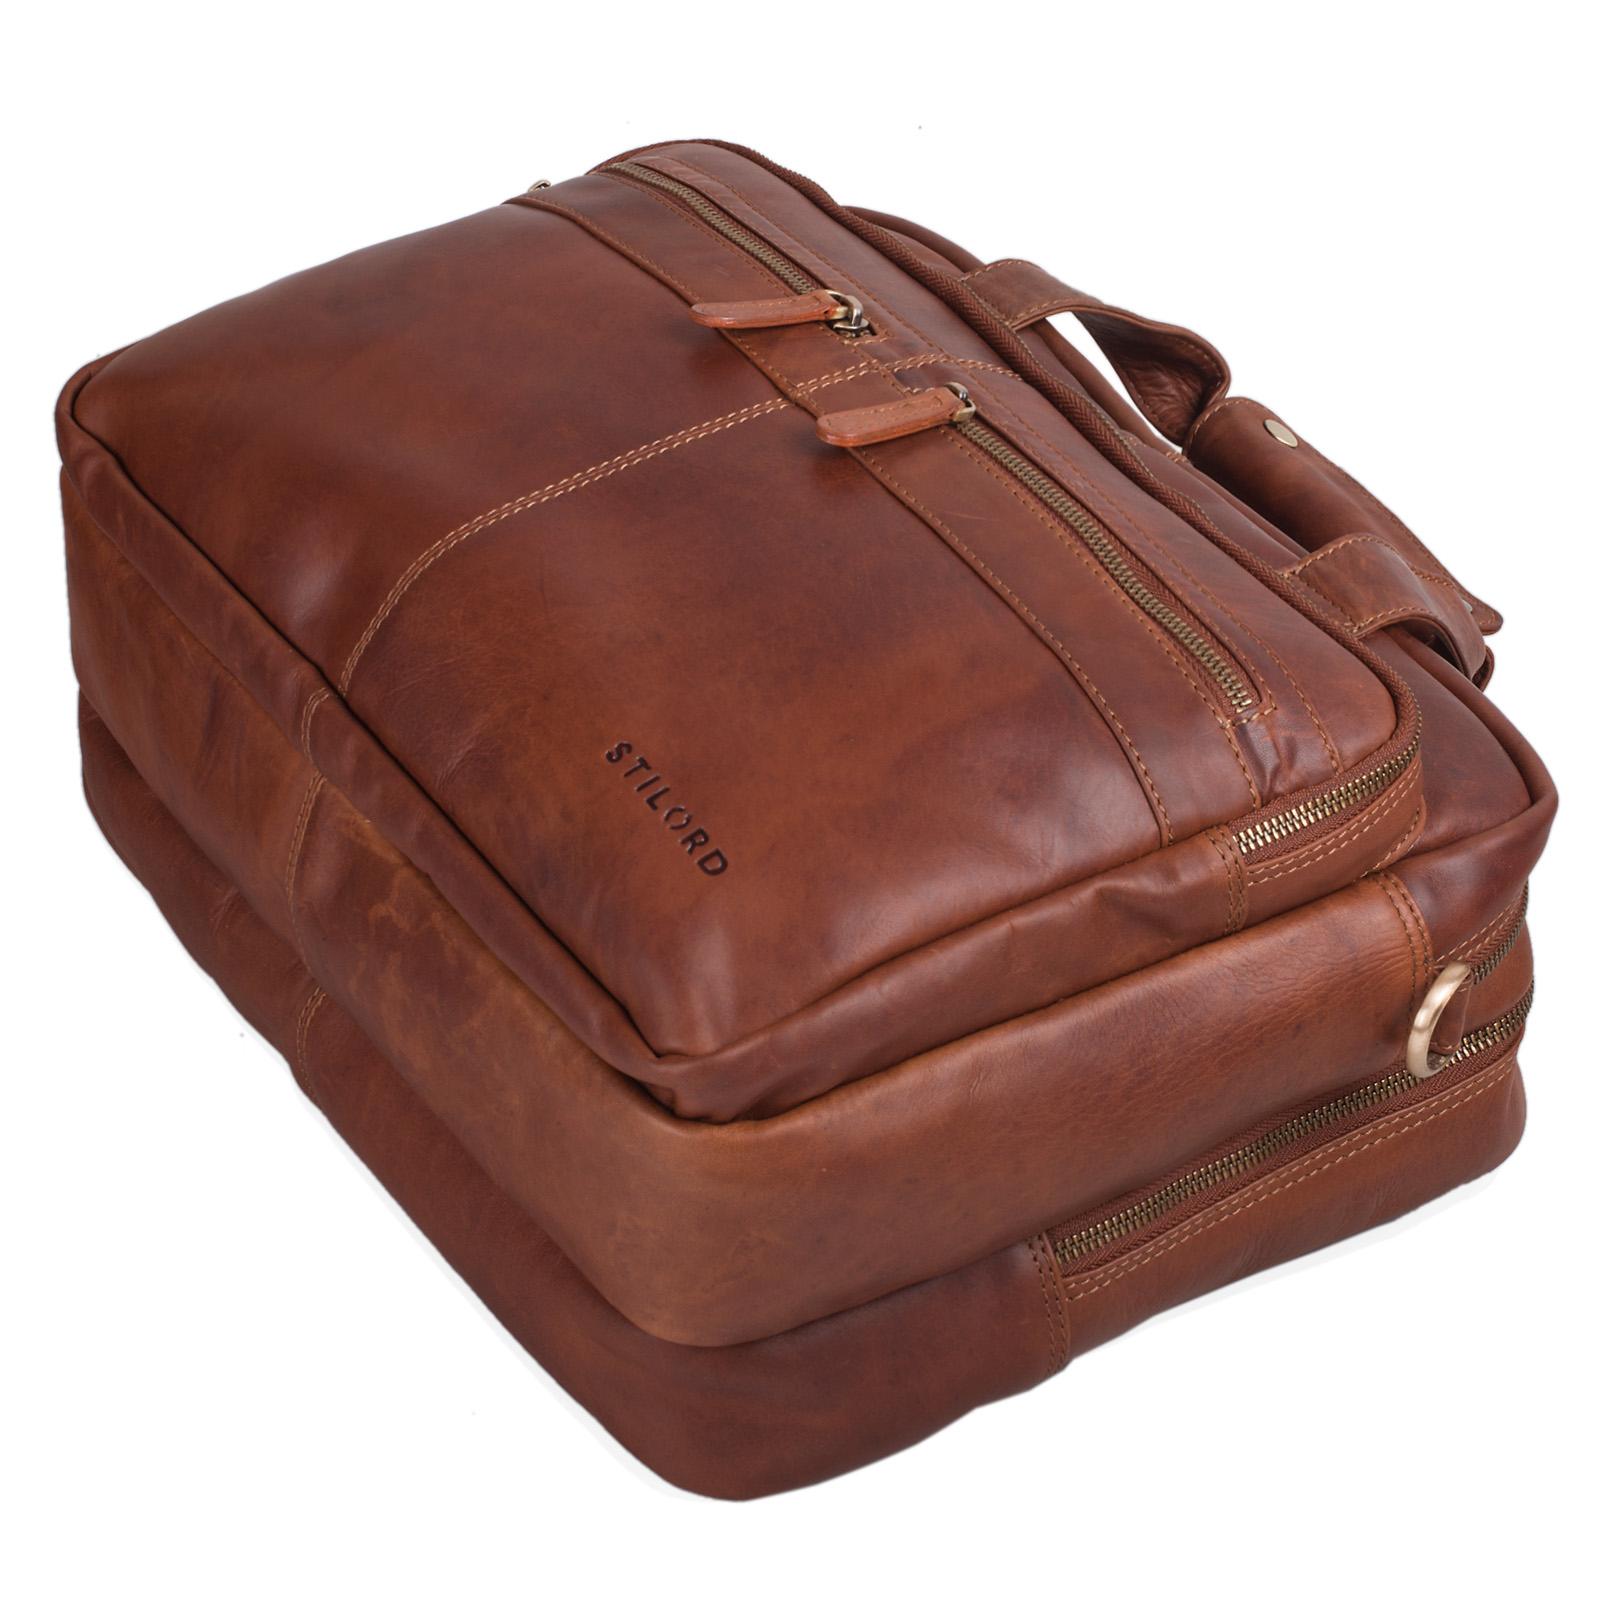 """STILORD """"Explorer"""" Lehrertasche Leder Herren Damen Aktentasche Büro Schulter- oder Umhängetasche für Laptop mit Dreifachtrenner Echt Leder Vintage - Bild 19"""